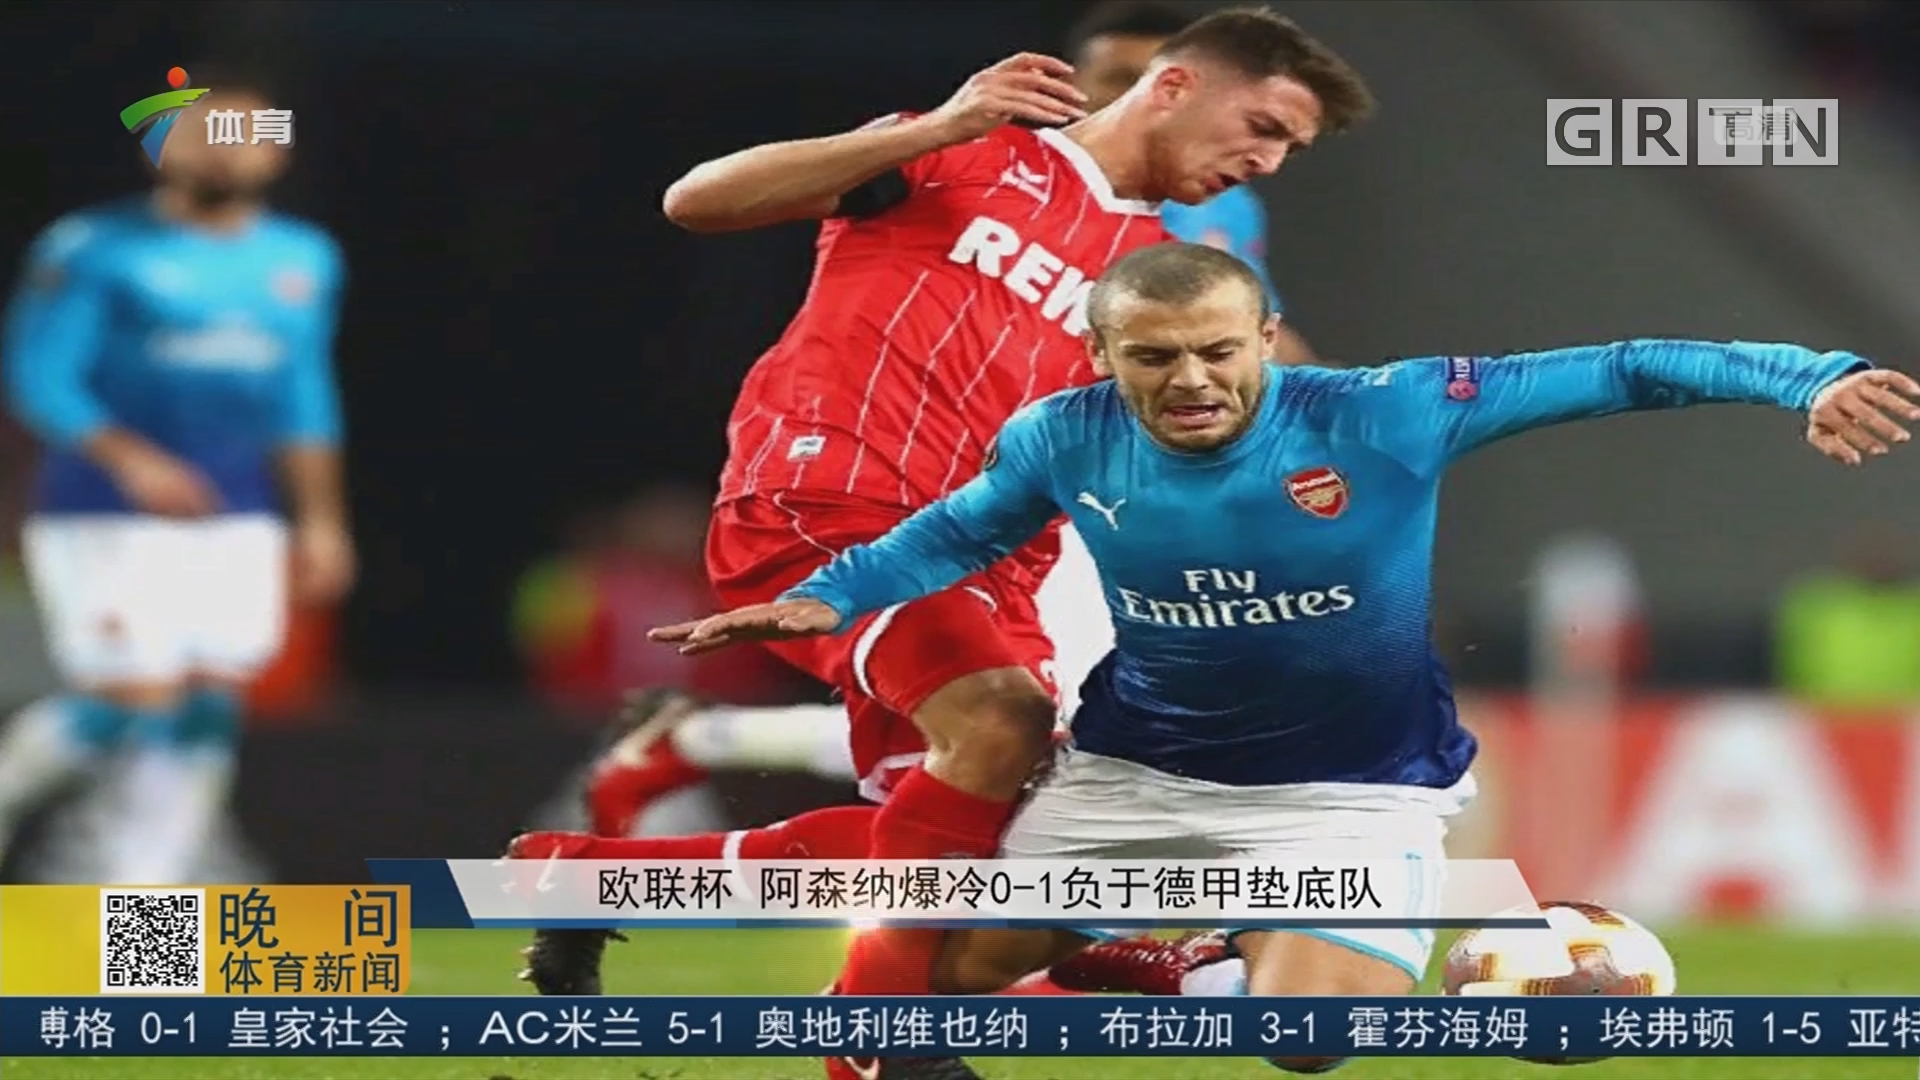 欧联杯 阿森纳爆冷0-1负于德甲垫底队